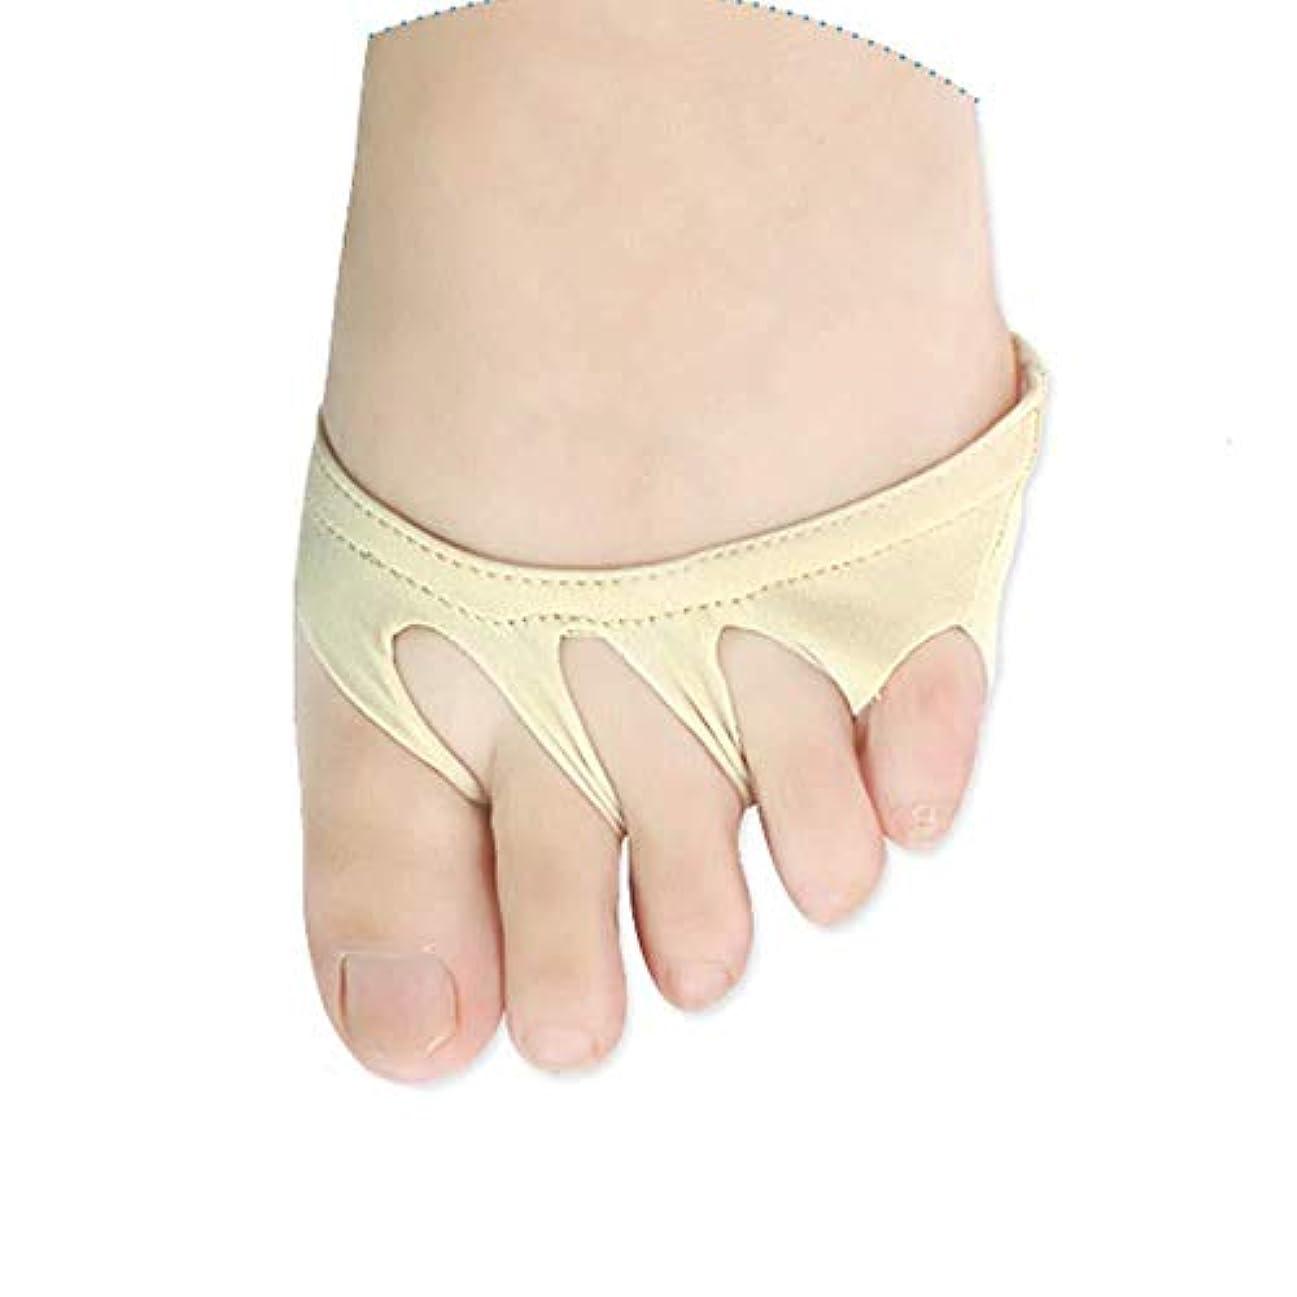 しょっぱいノミネート罹患率つま先セパレーター、つま先外反矯正のつま先セパレーターは、痛みを和らげるために親指を使用して外反母hallに毎日適用されます